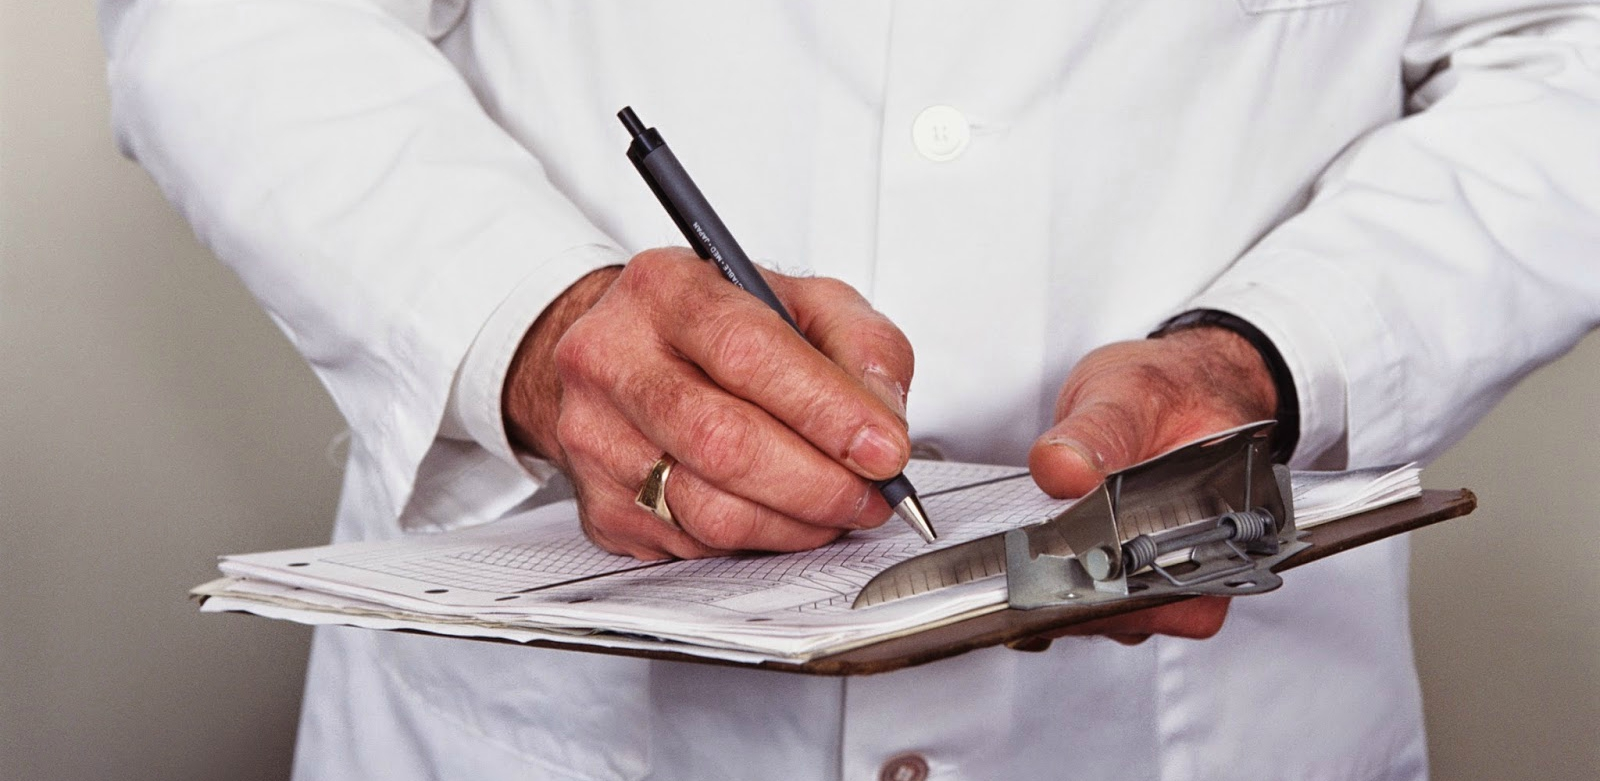 получение лицензии на медицинскую практику